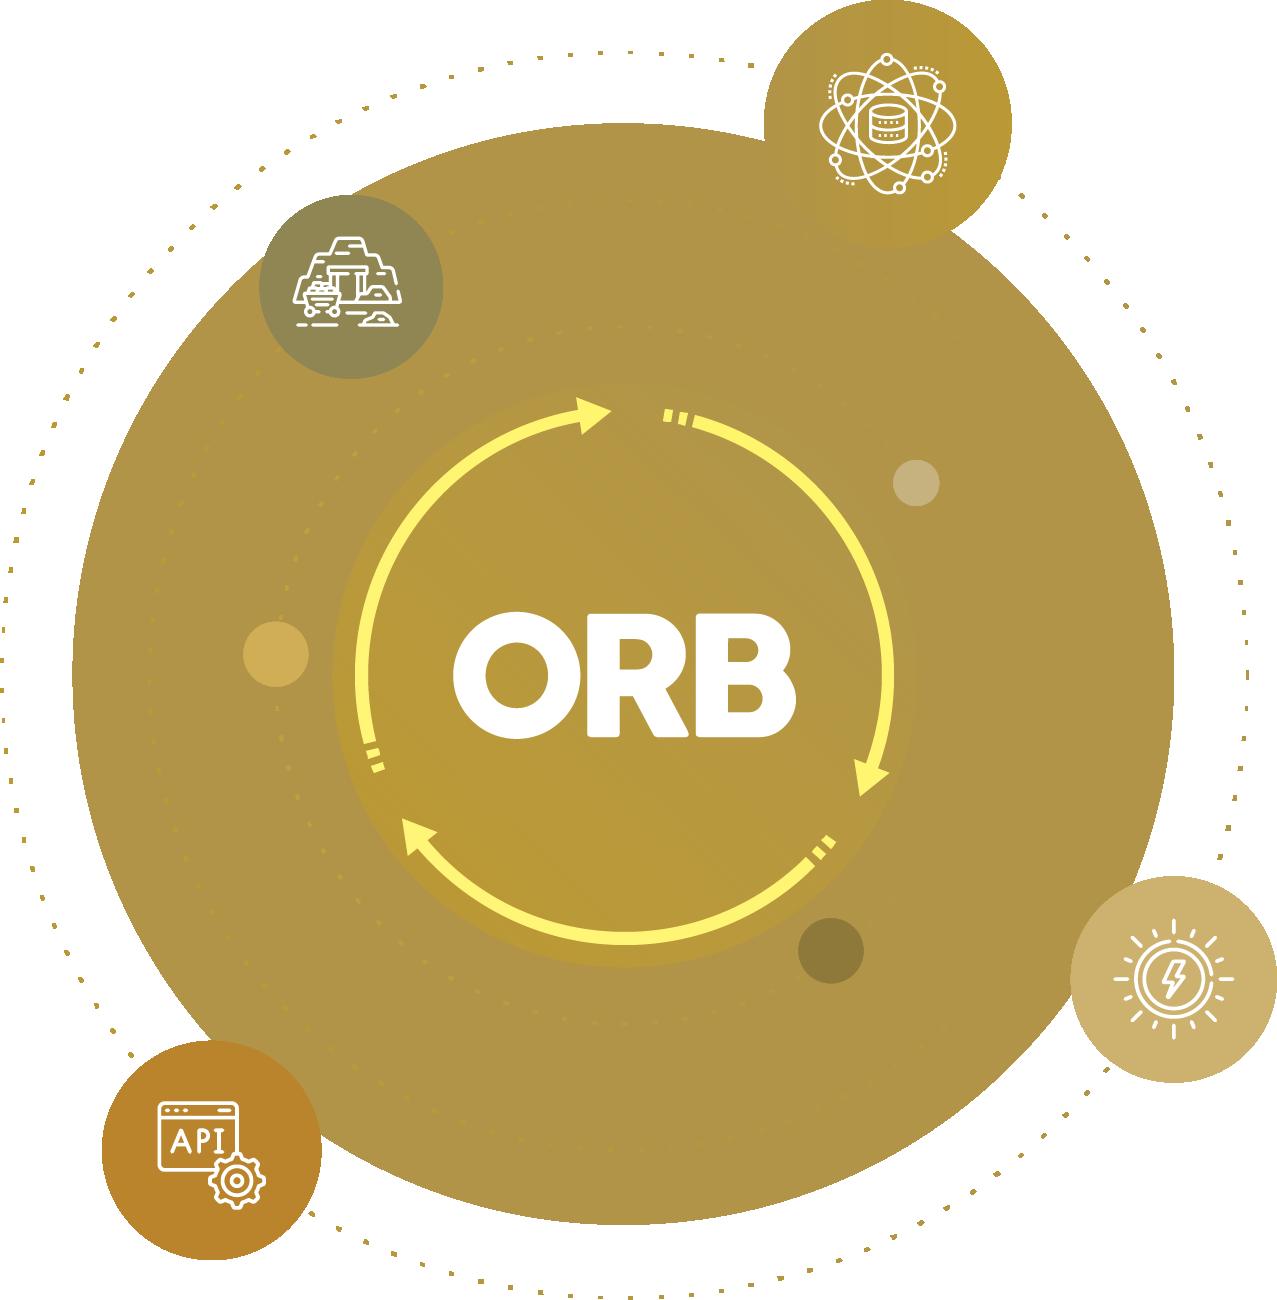 orb-integration